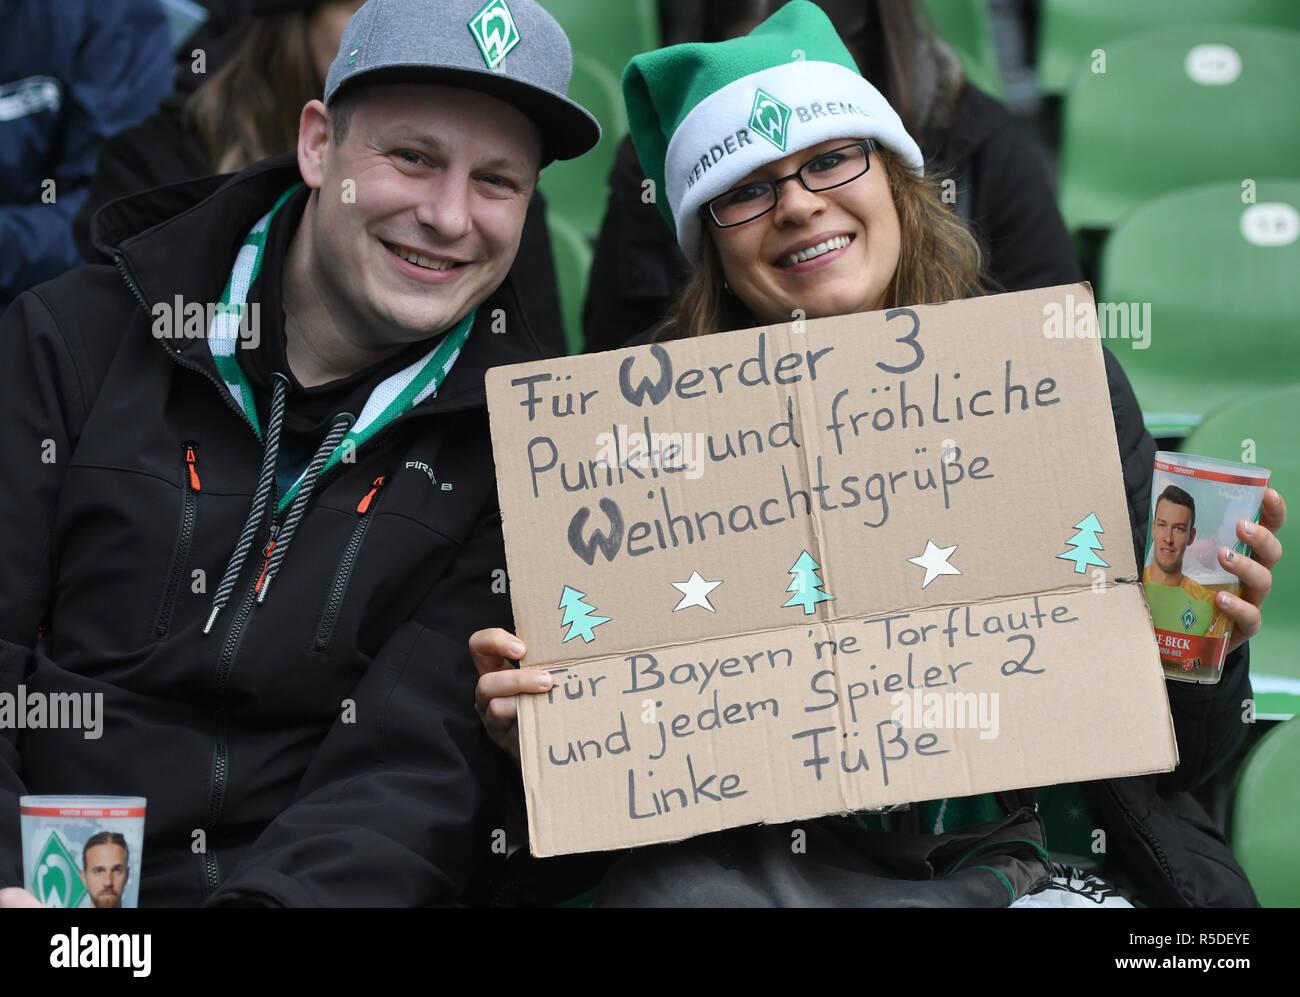 Frohe Weihnachten Werder Bremen.01 Dezember 2018 Bremen Fussball Bundesliga Werder Bremen